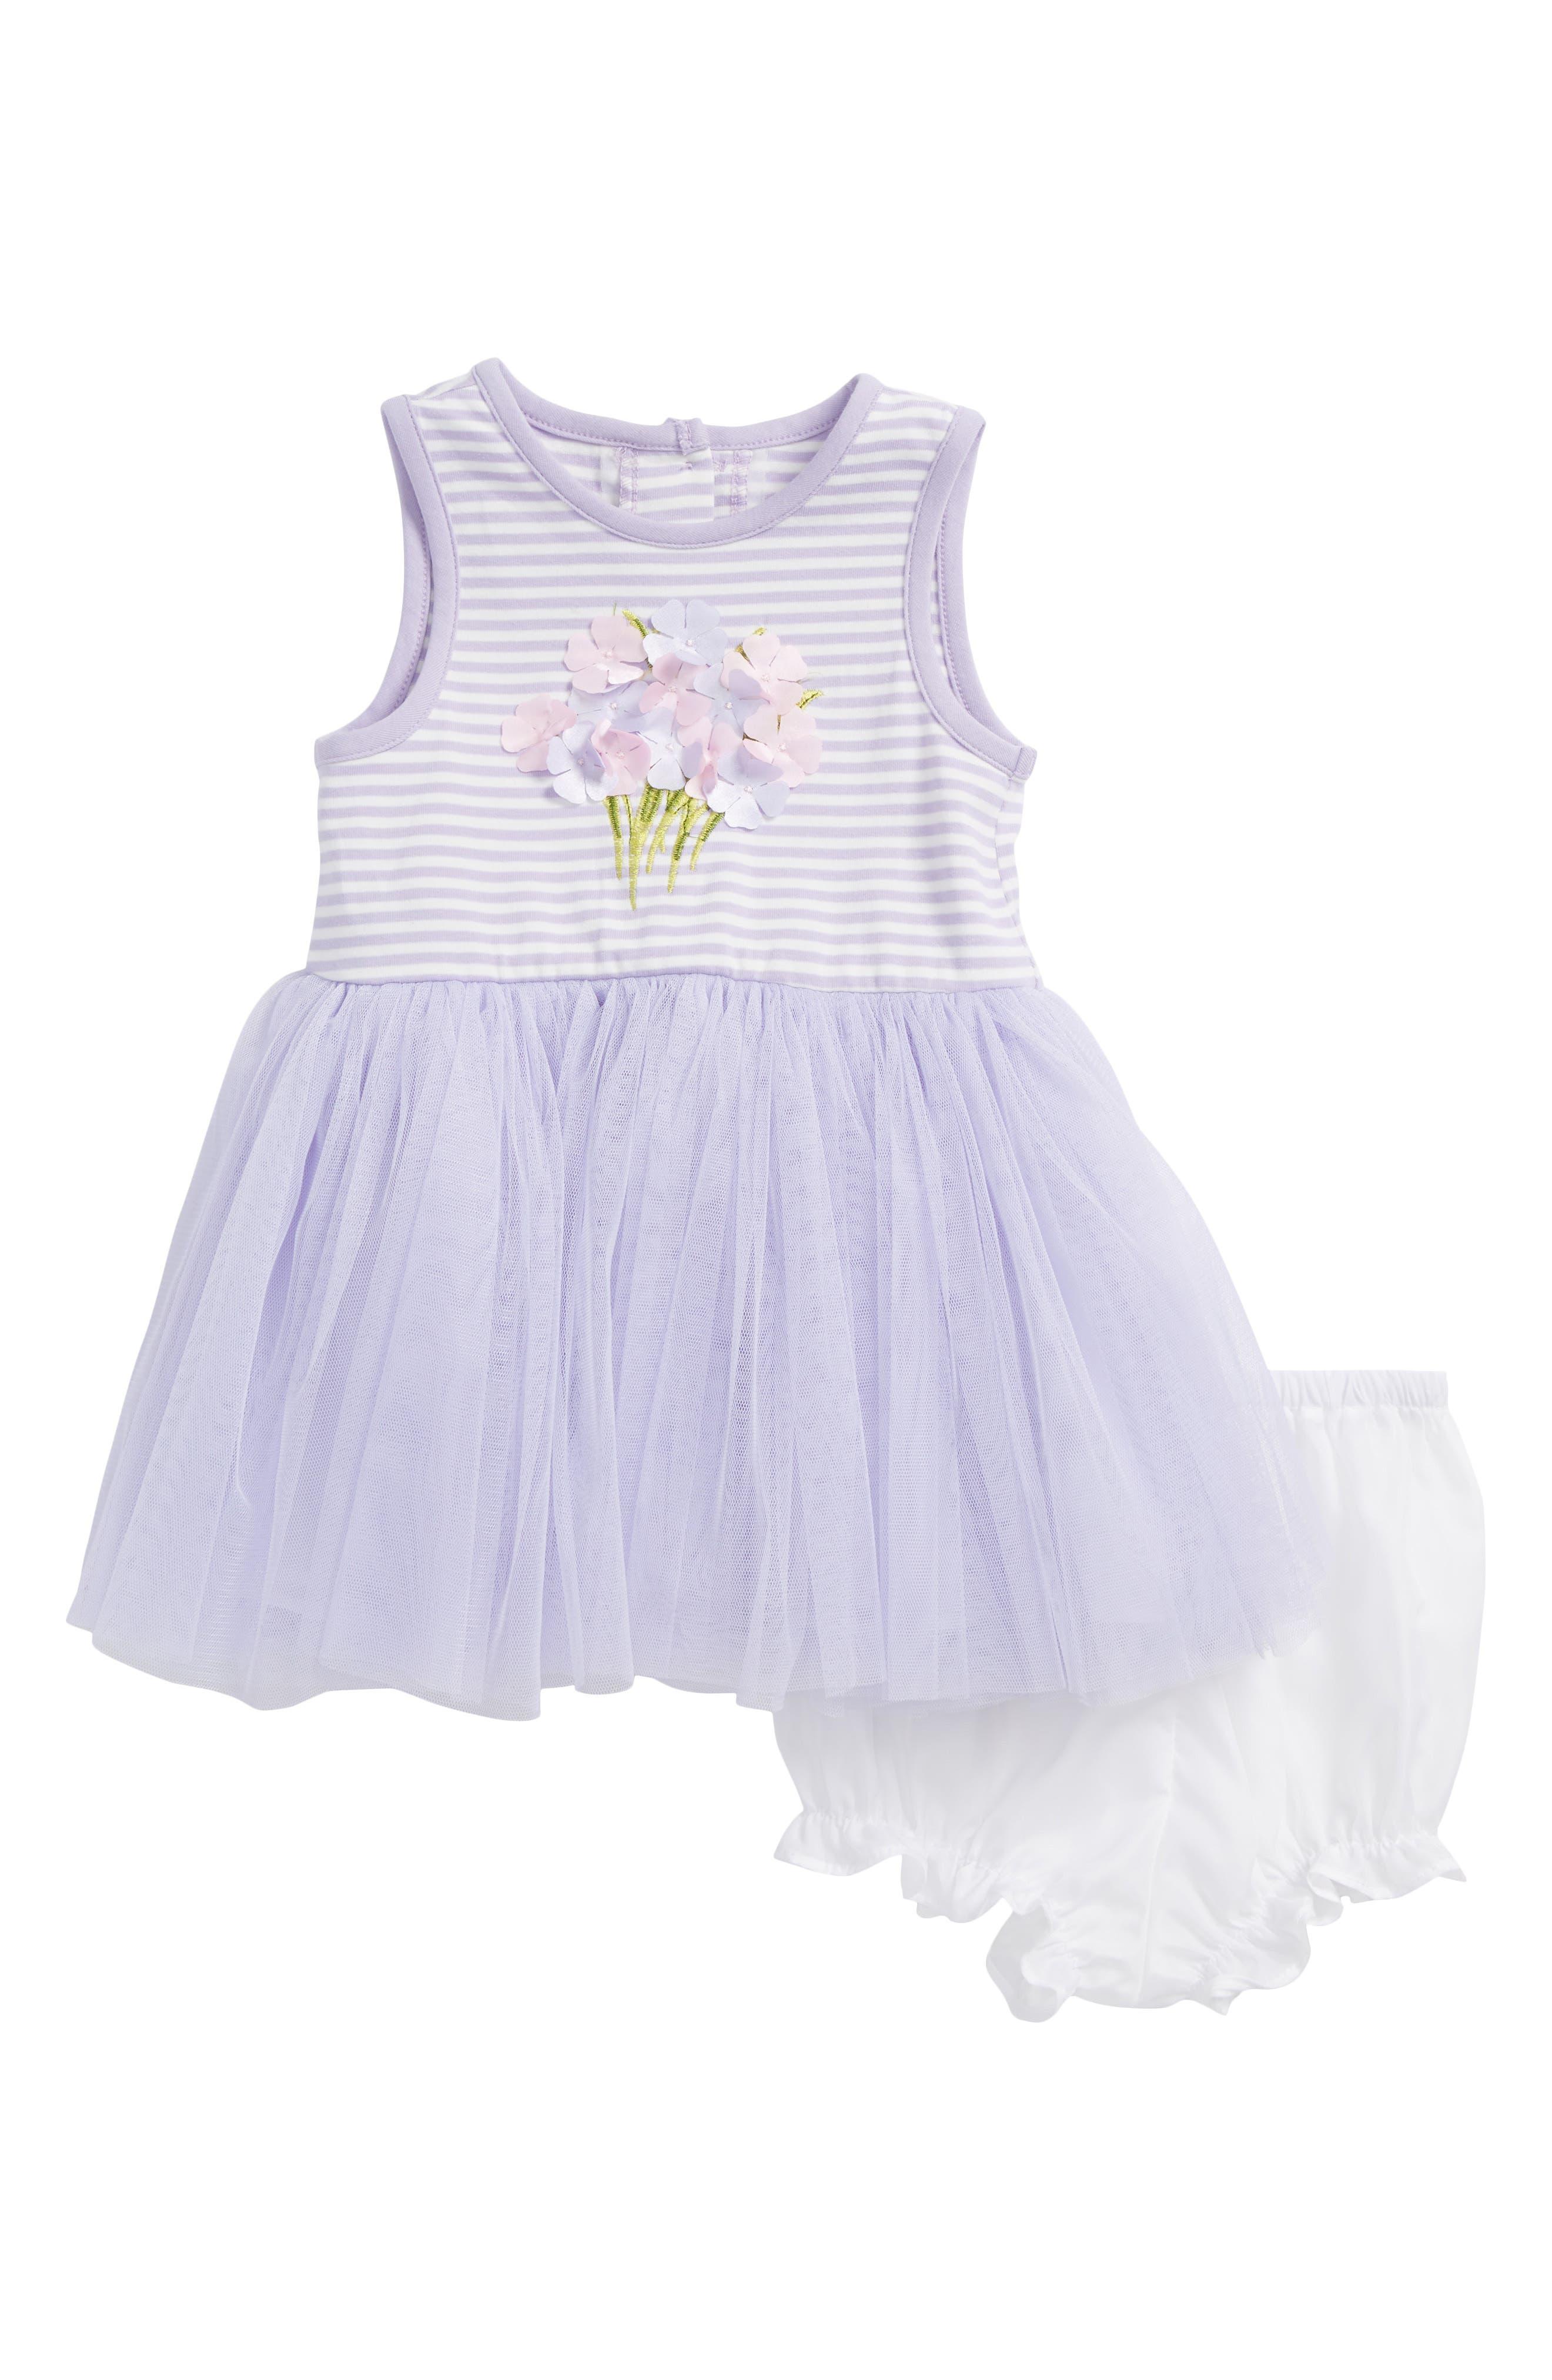 Bouquet Tutu Dress,                             Main thumbnail 1, color,                             Lavender/ White